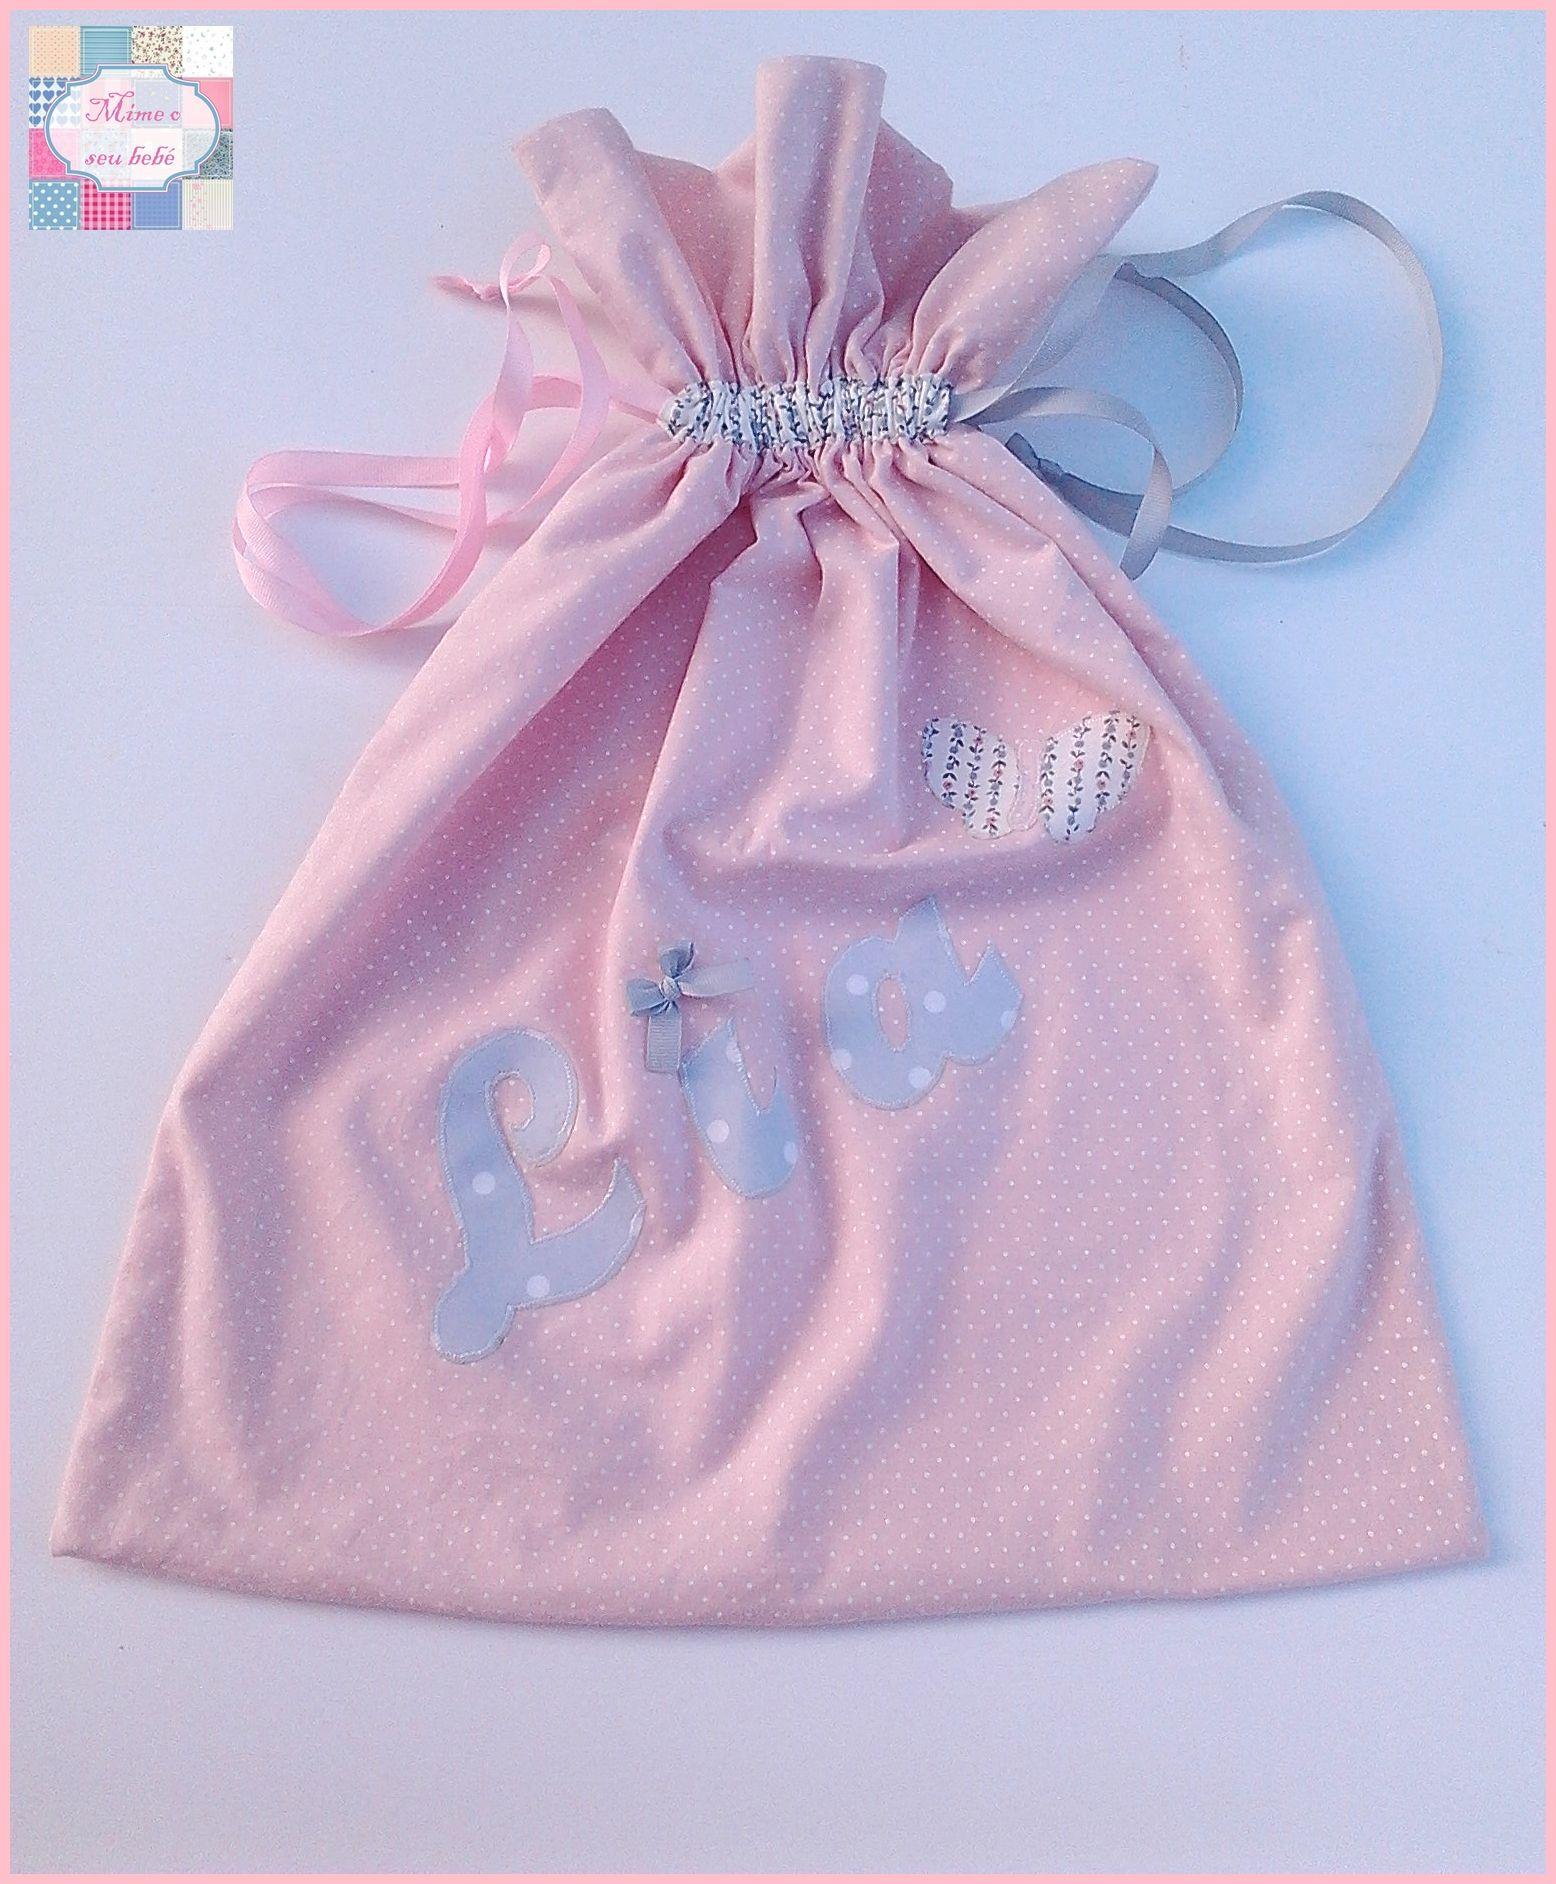 Saquinho para colocar a roupinha suja da maternidade da princesa Lia <3.   +INFO: mimeoseubebe@gmail.com ou mensagem privada   #mimeoseubebe #fsaquinho #enxovaldebebé #enxovaldemenina